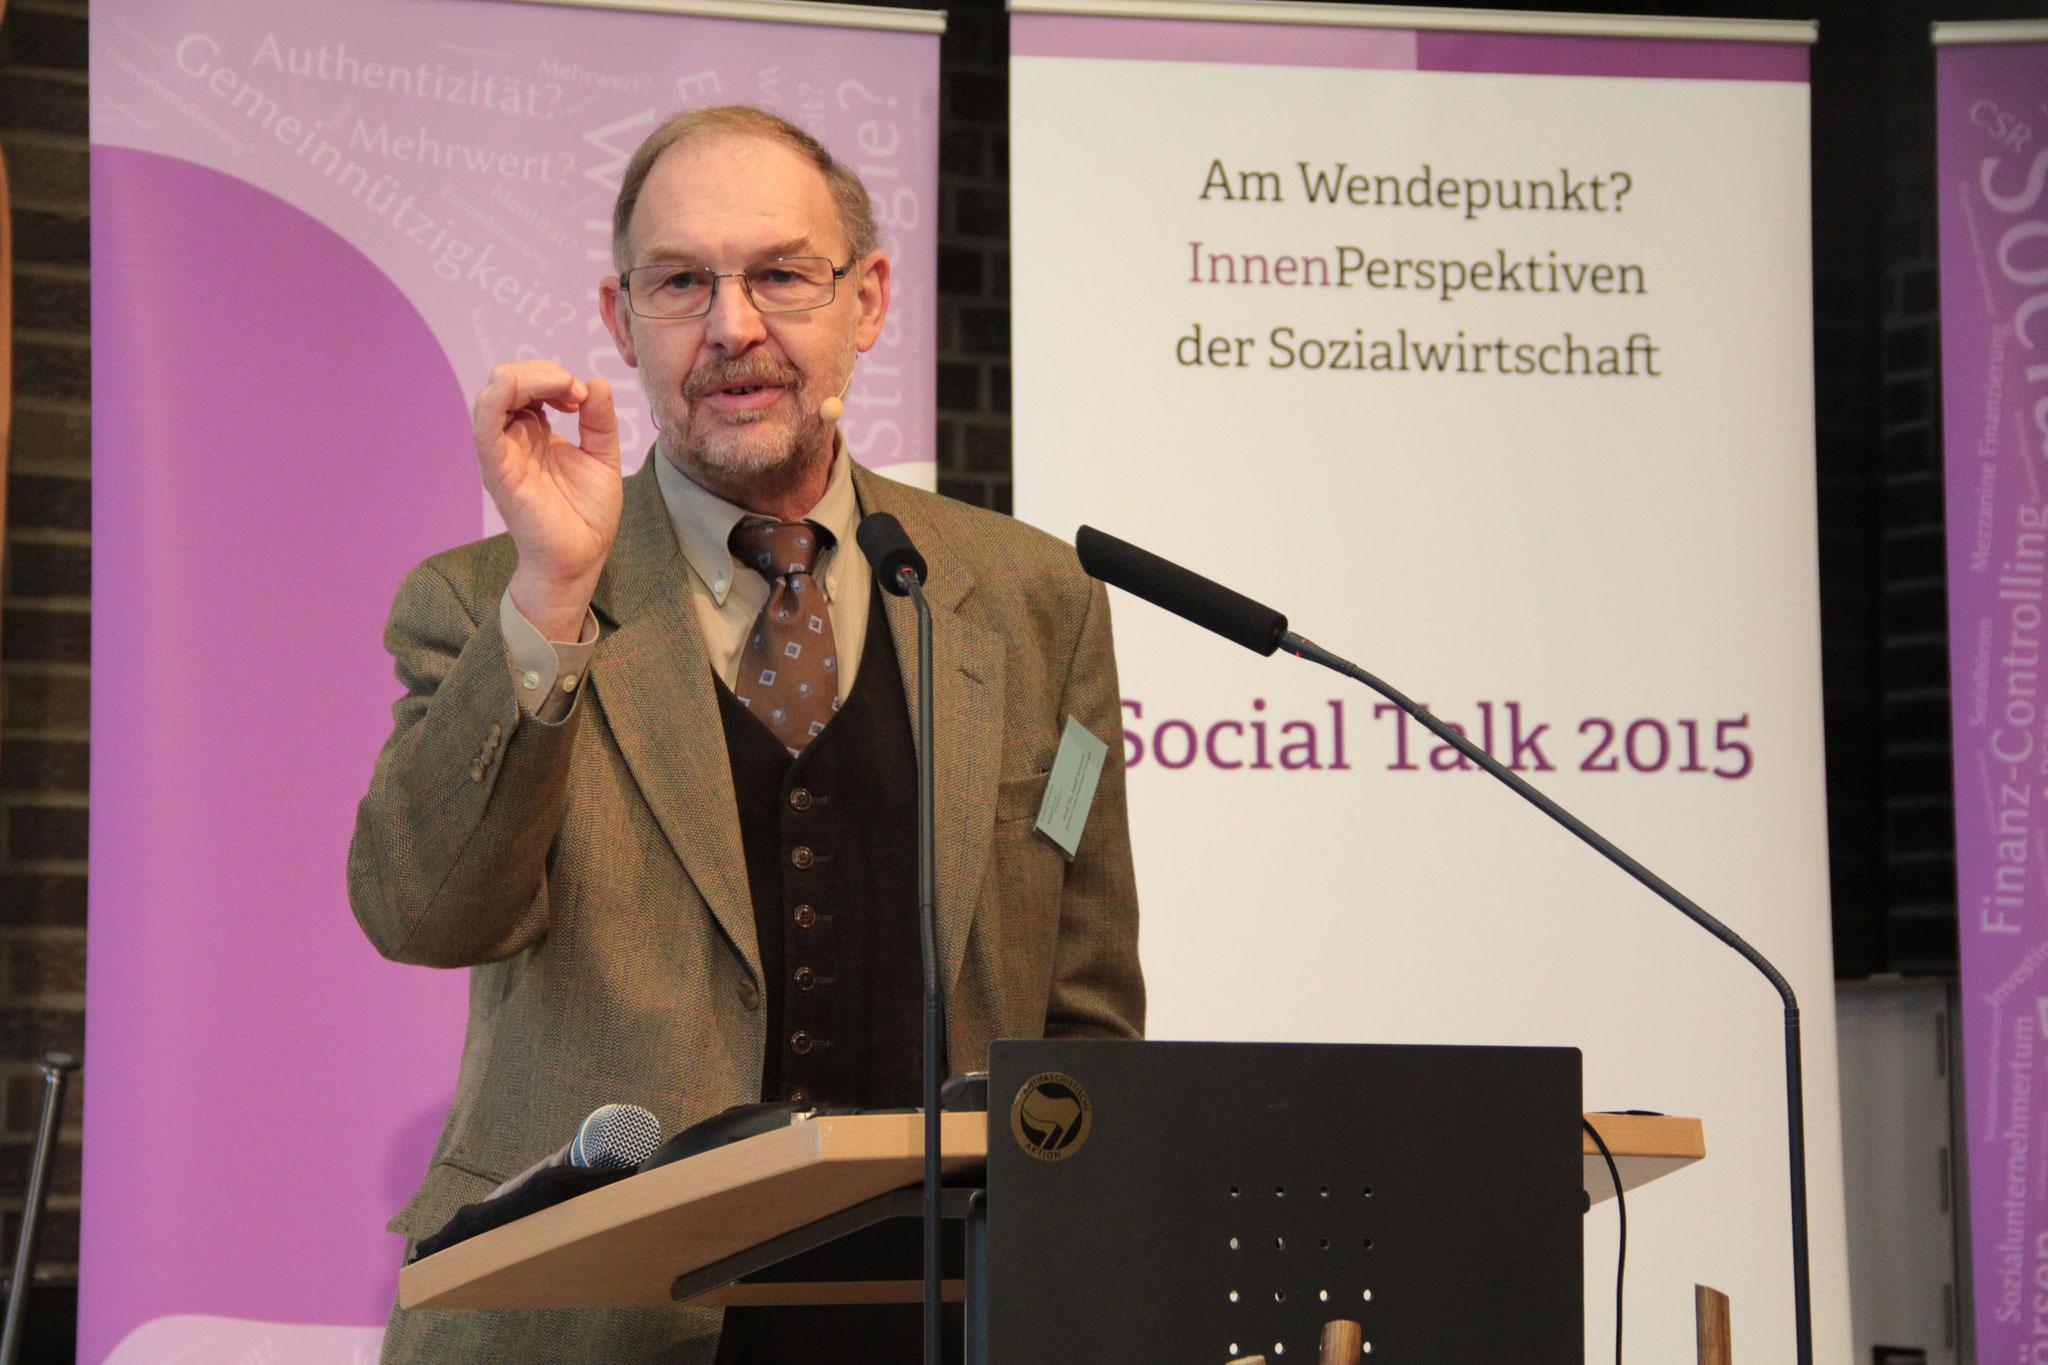 Keynote von Prof. Dr. Josef Schmid (Universität Tübingen). [Social Talk 2015] © Ehrig